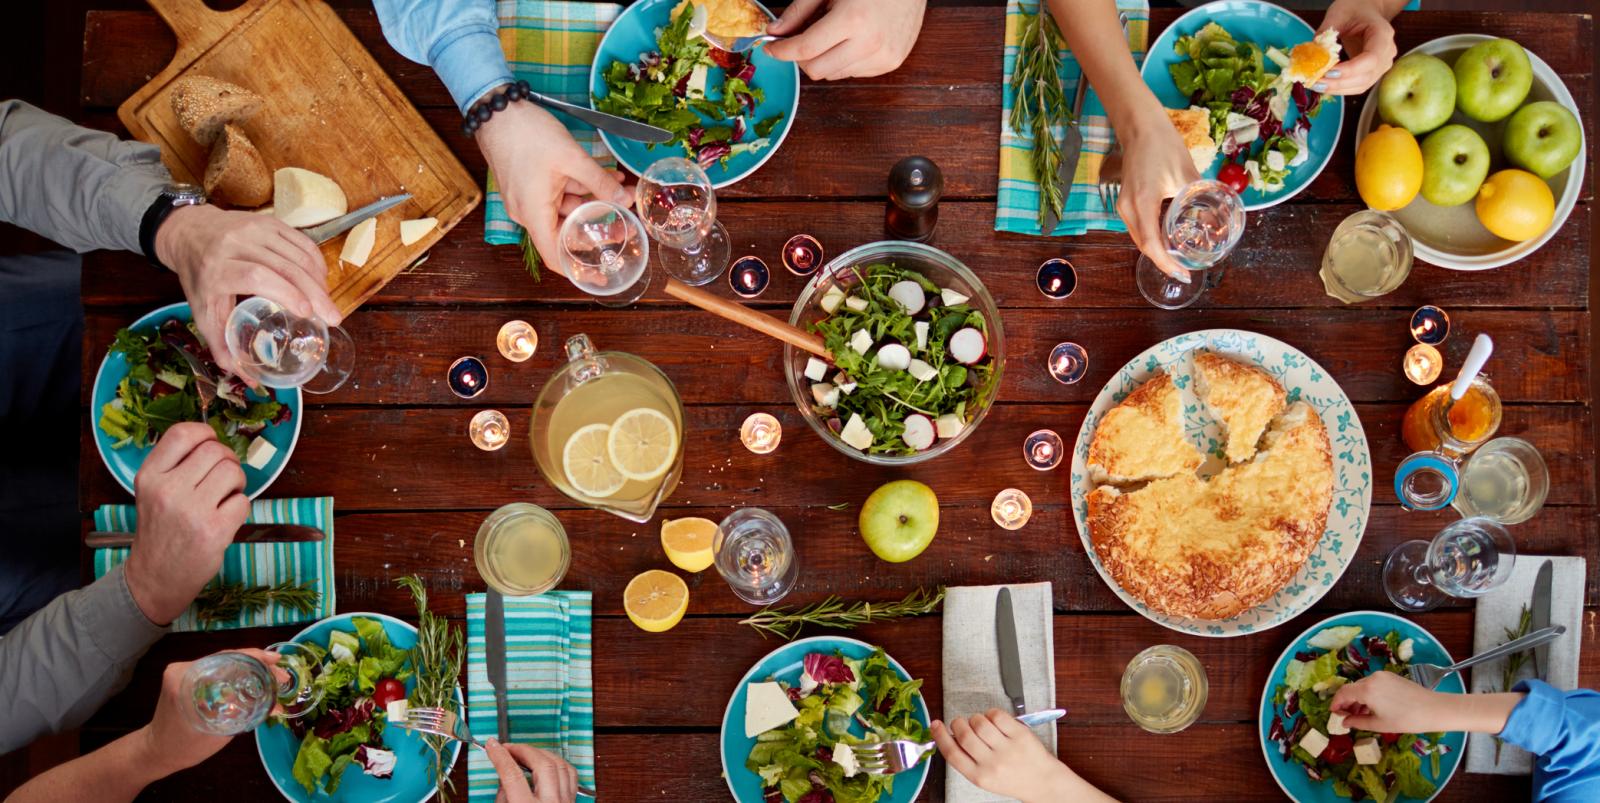 Grand tablée ou tout le monde se partage de bons plats